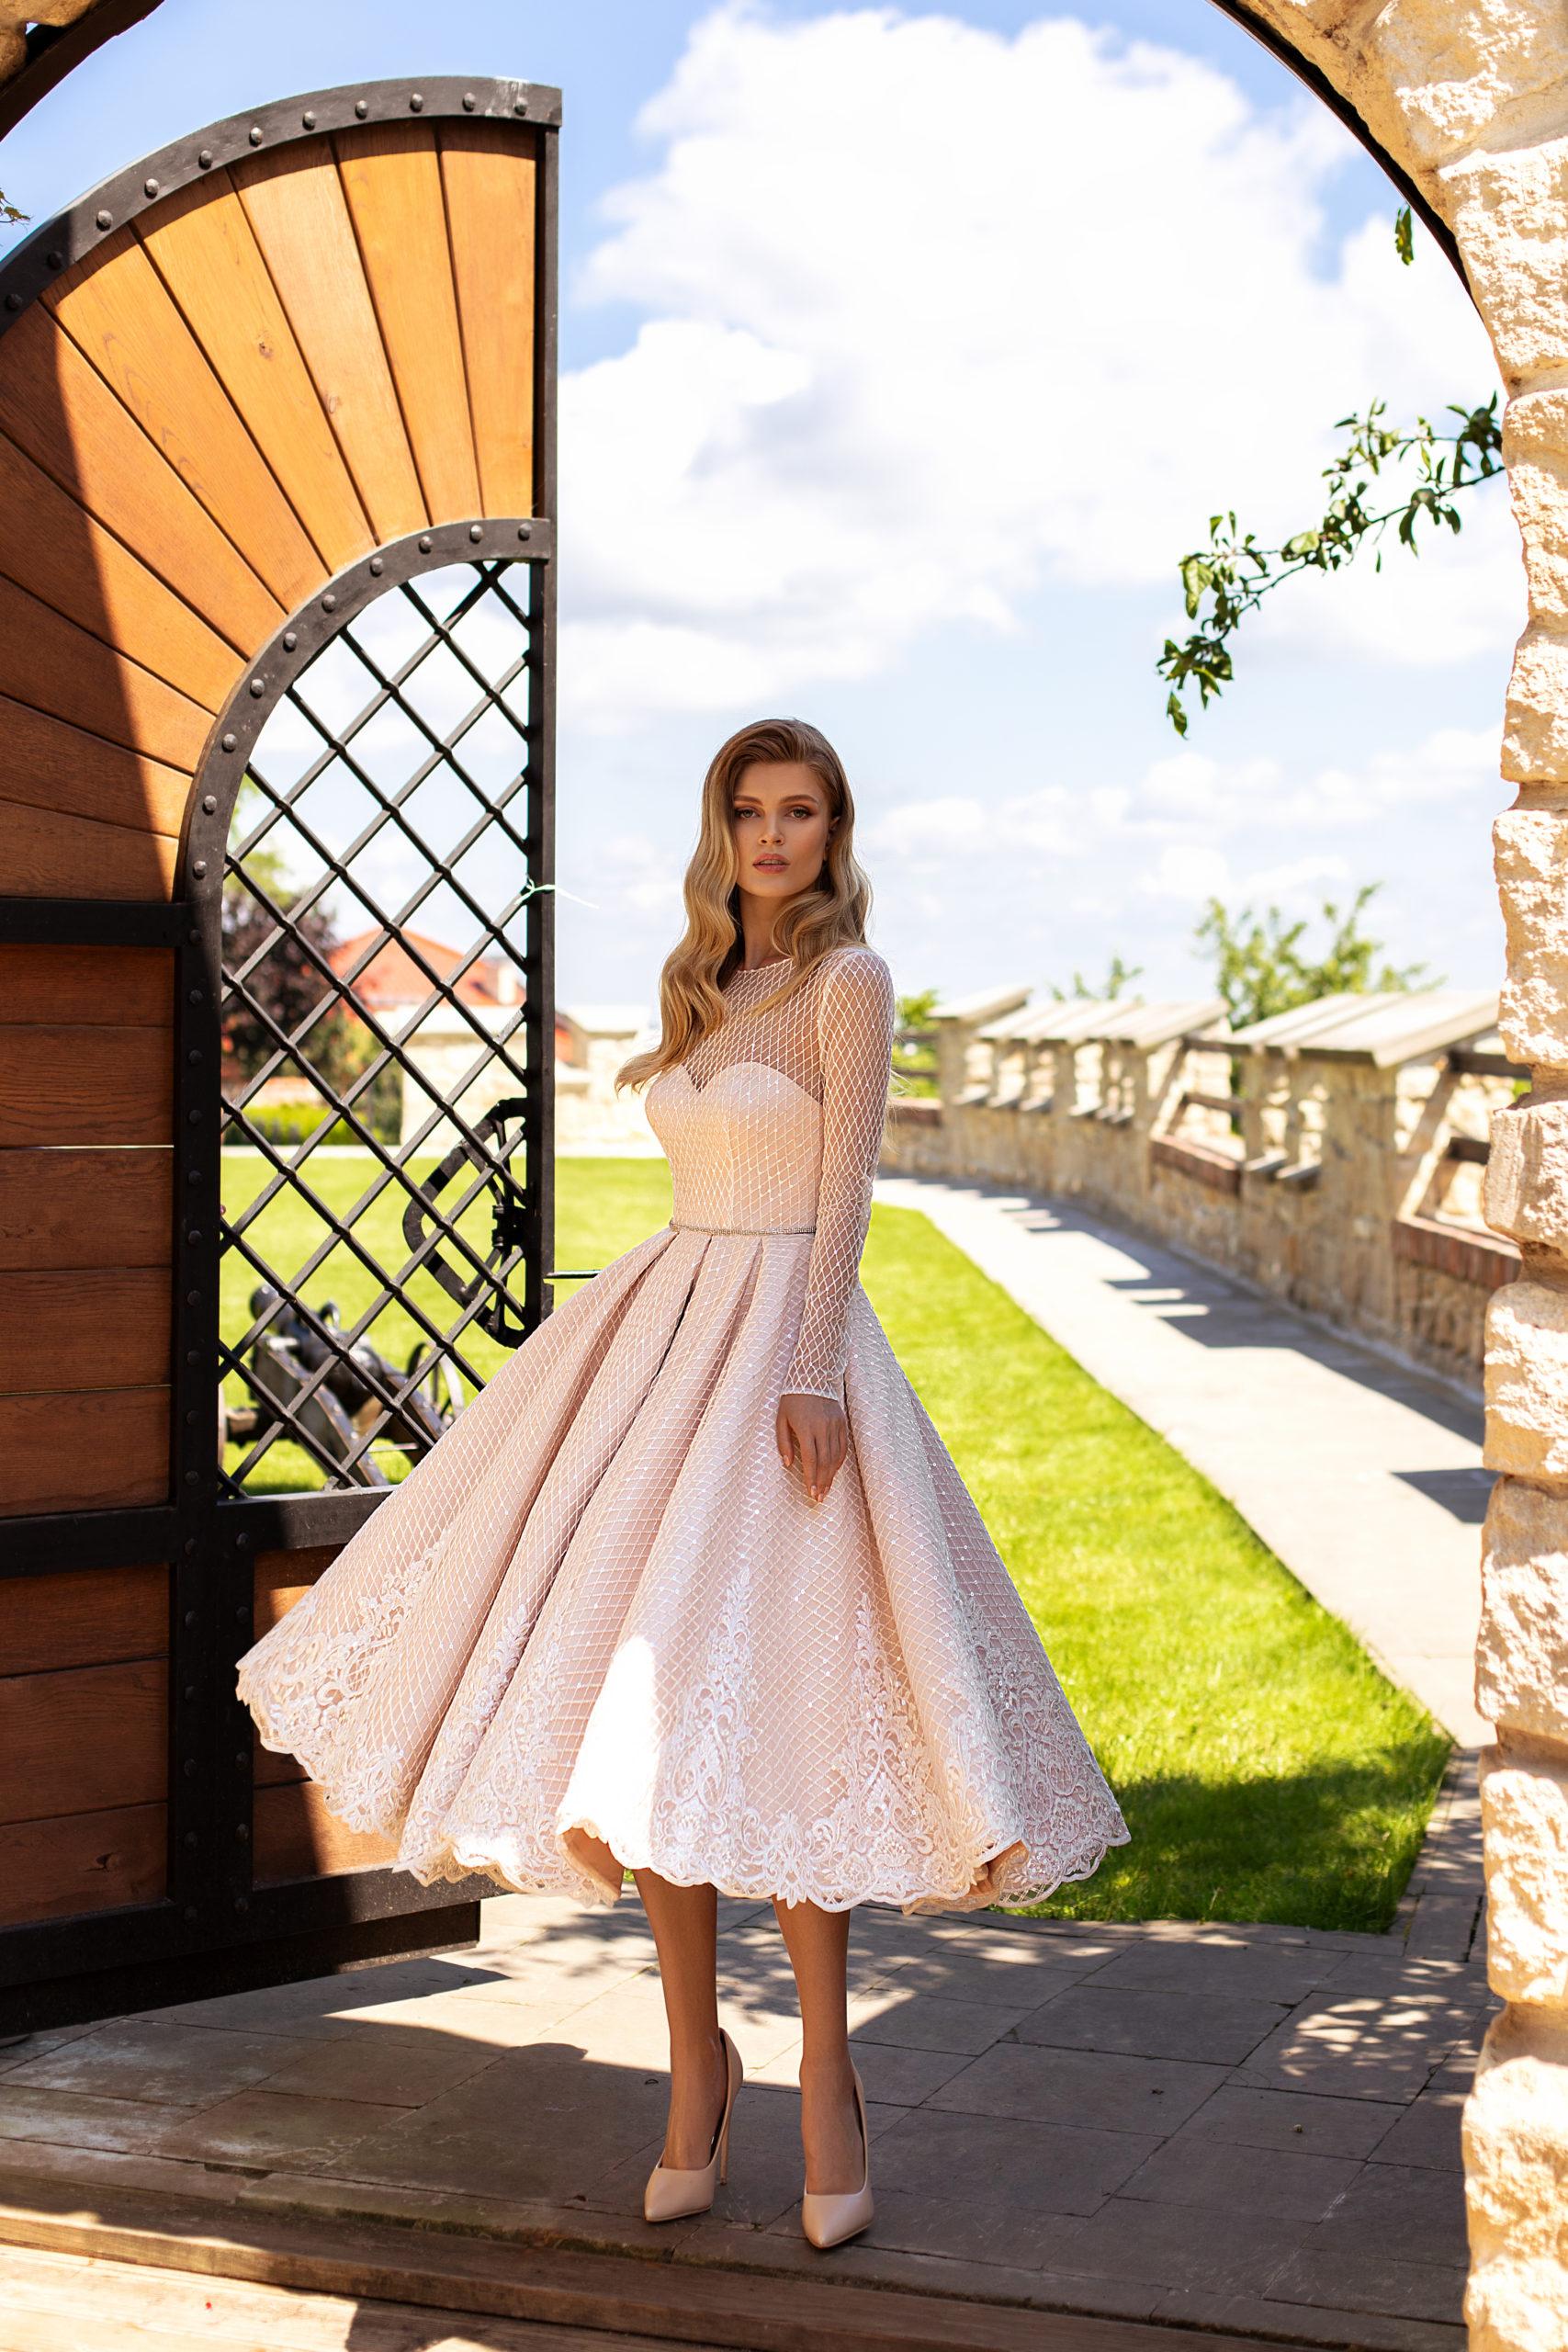 Robes haute couture Genève mariage civil manches longues blanc court midi dentelle